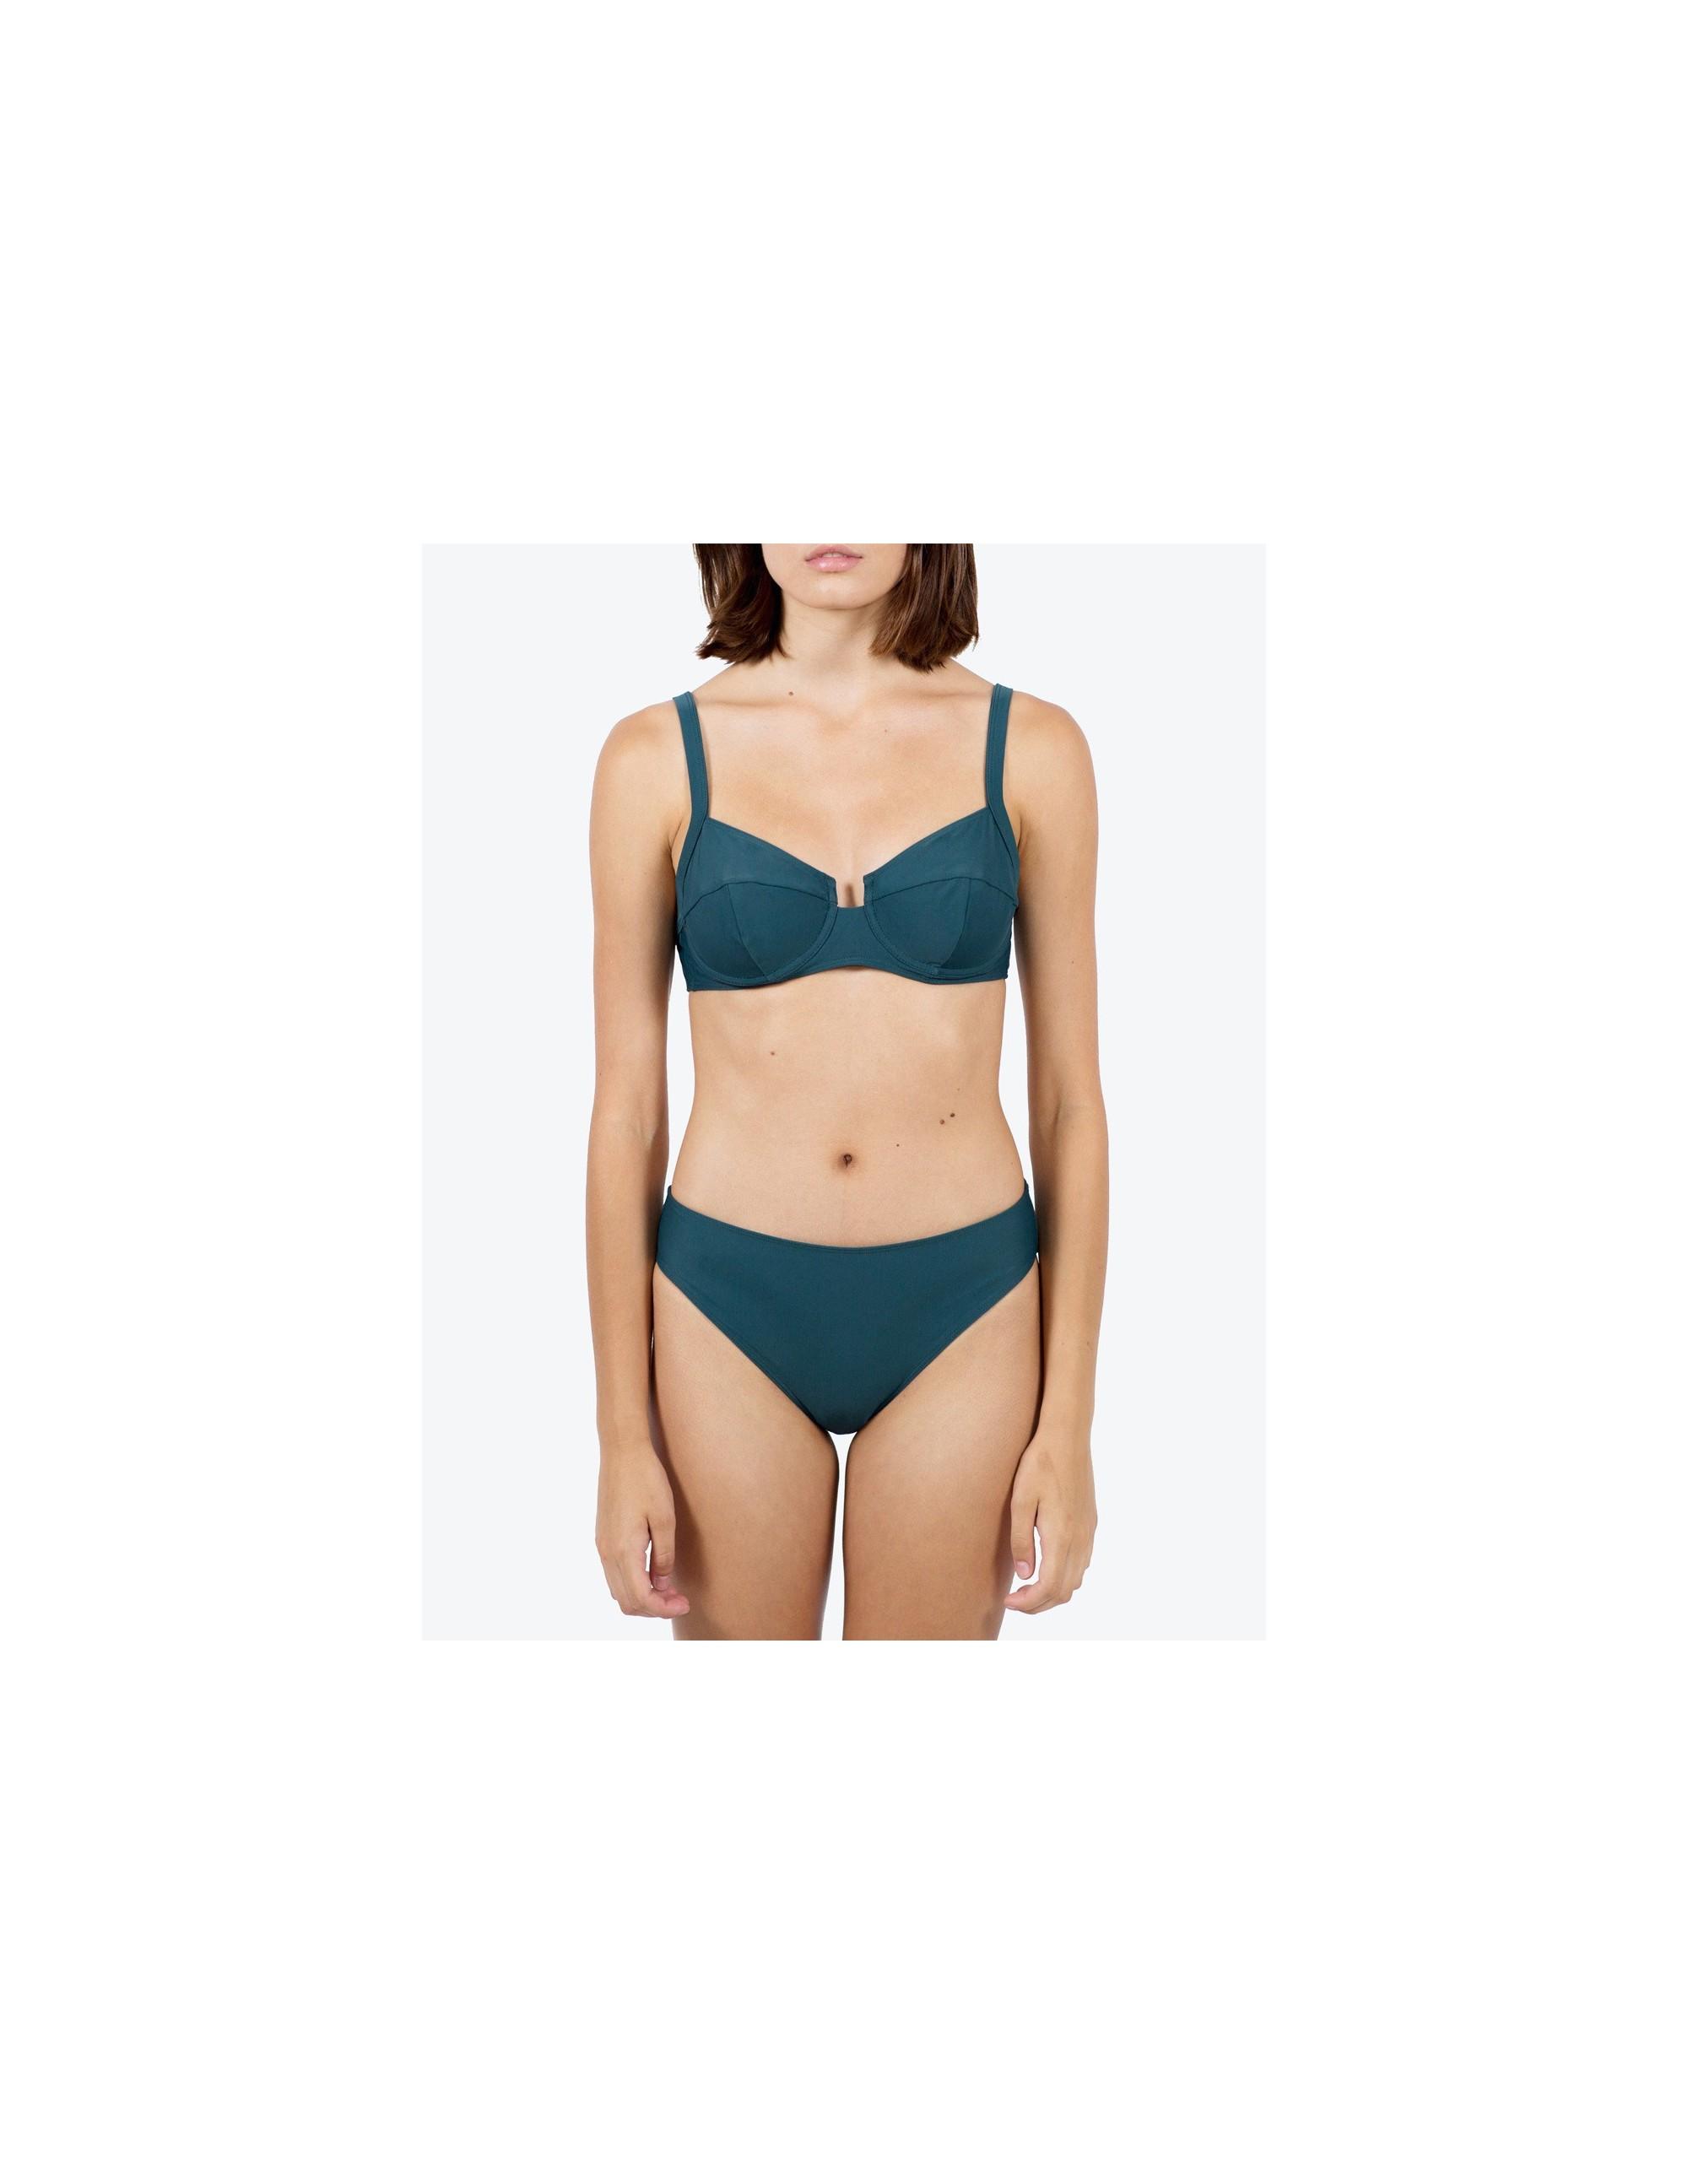 NAOS bikini top - DEEP GREEN